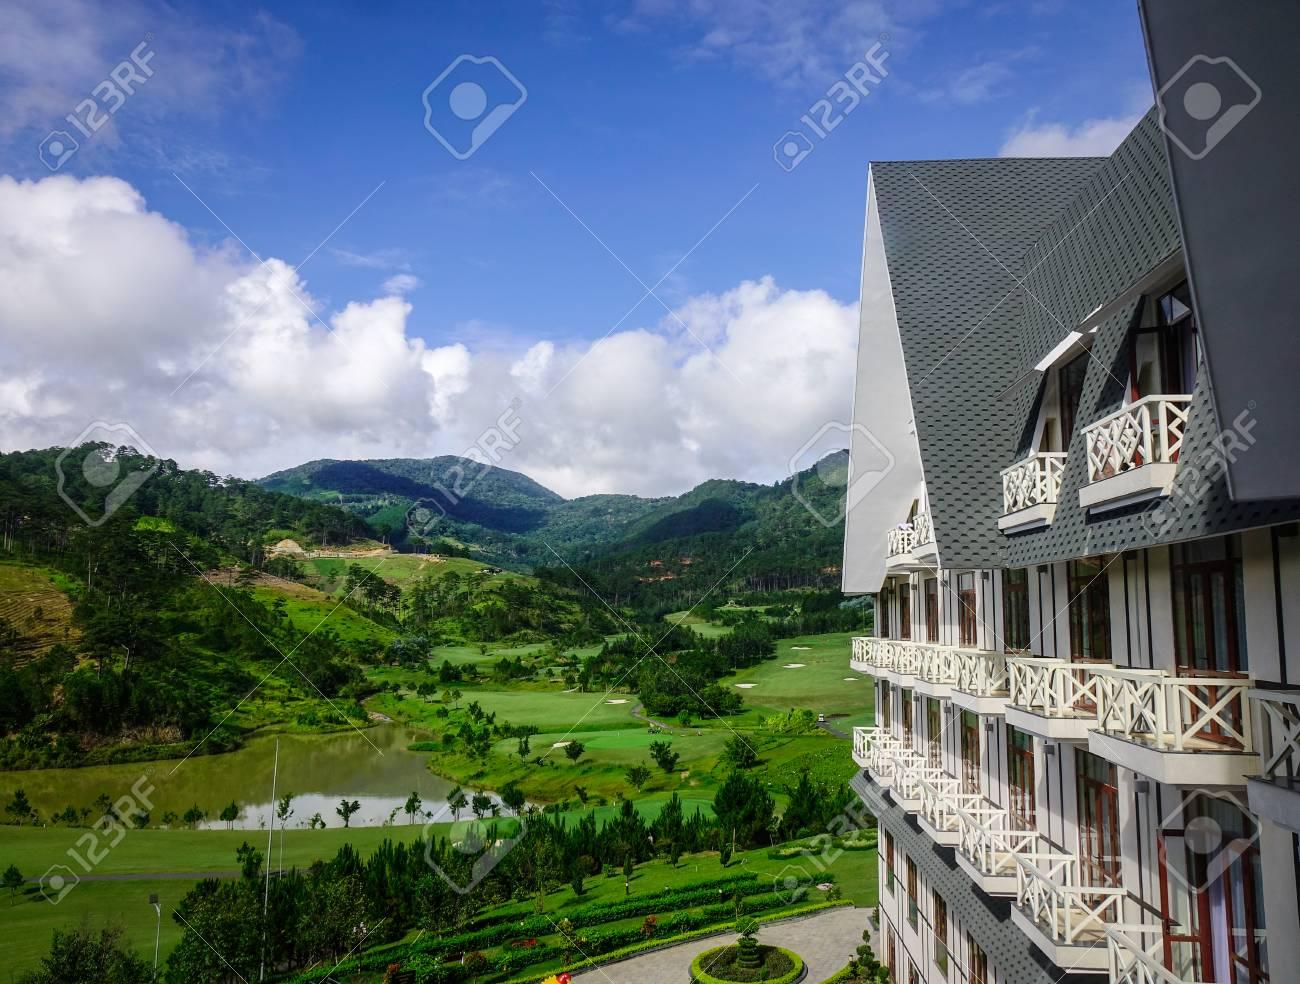 Parte della località di soggiorno di montagna al giorno pieno di sole in  Dalat, Vietnam. Da Lat è una popolare destinazione turistica situata a 1500  ...